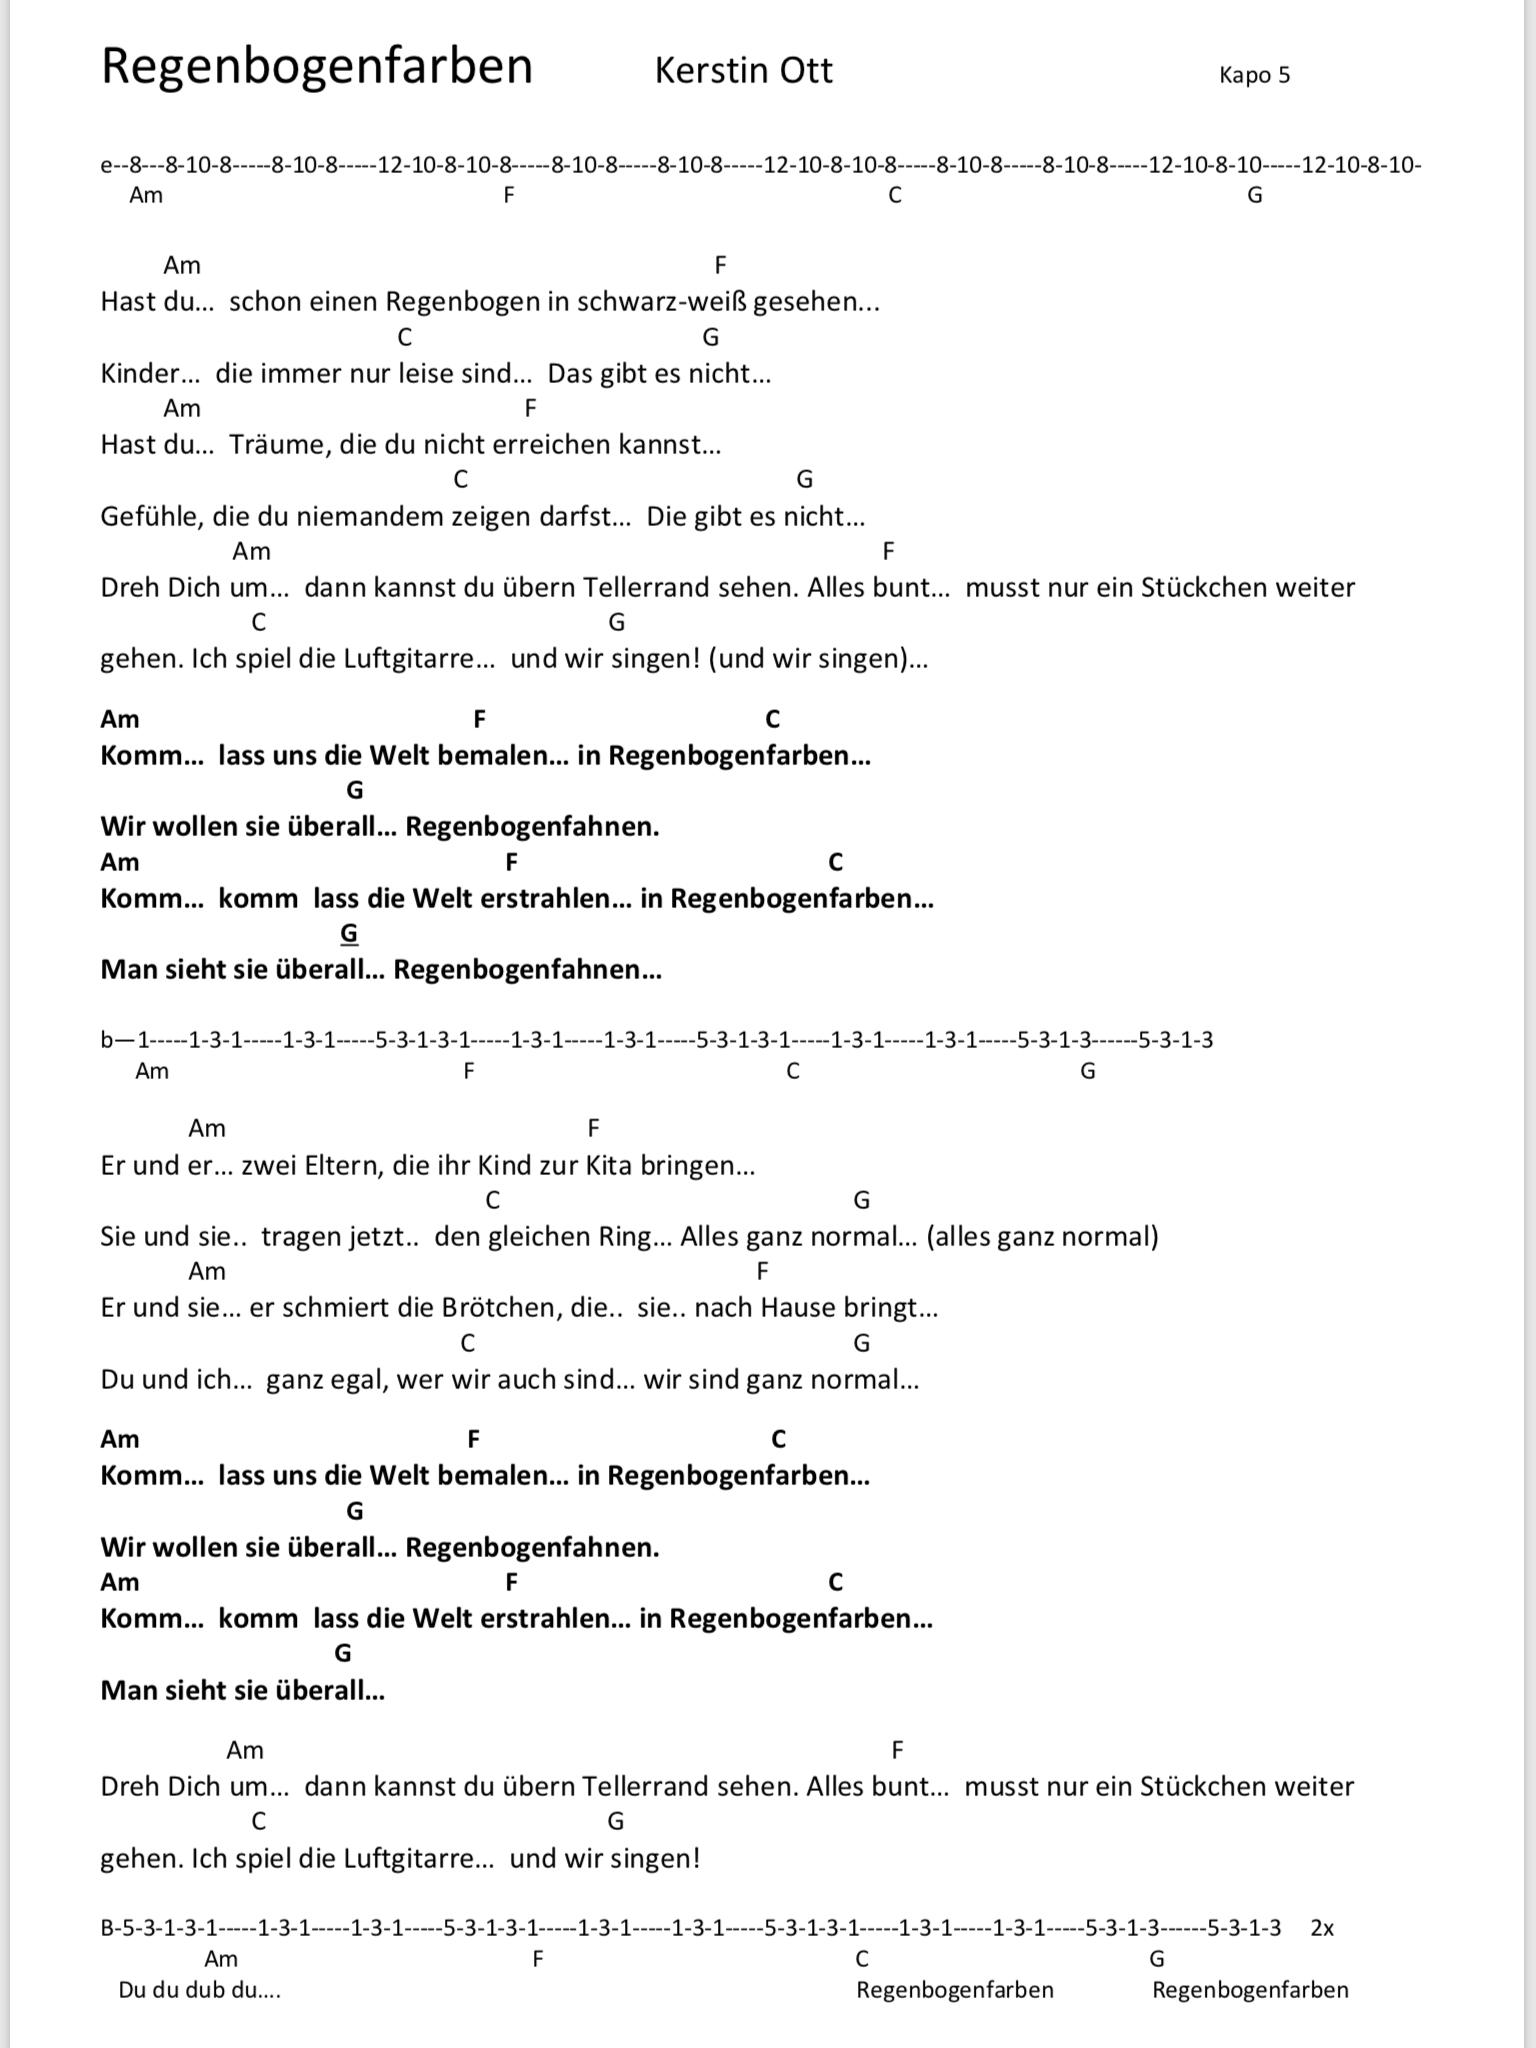 Regenbogenfarben Kerstin Ott Songtext Und Akkorde In 2019